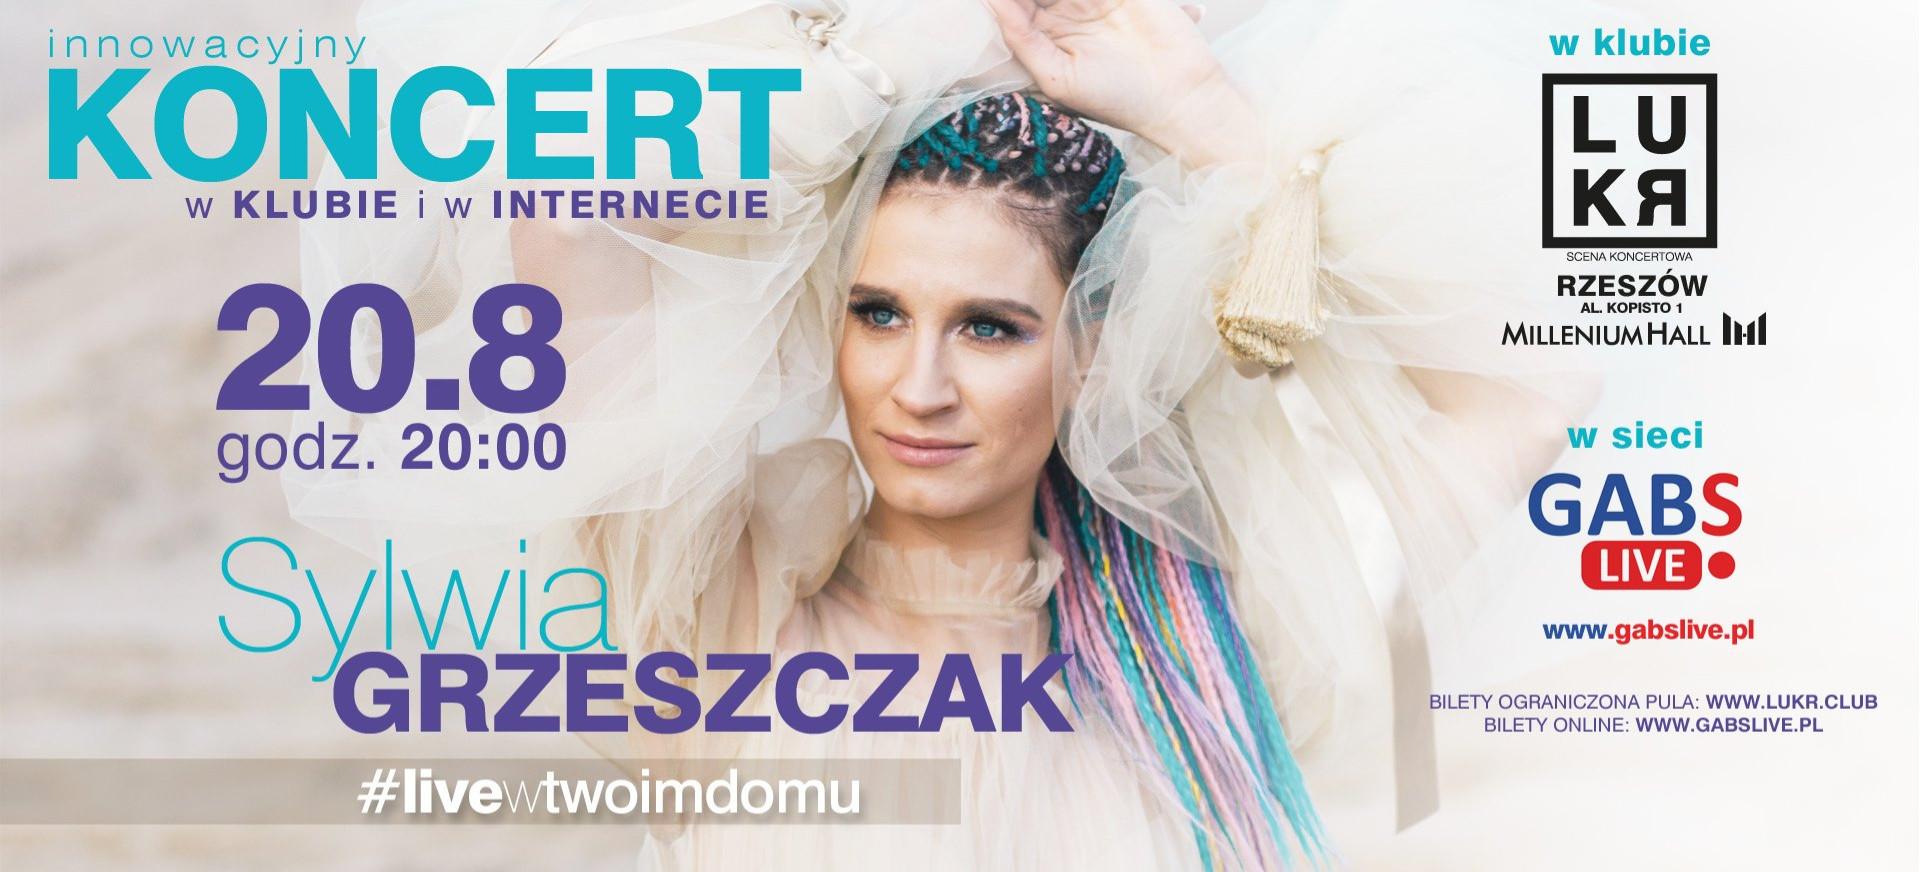 Koncert Sylwii Grzeszczak w klubie LUKR